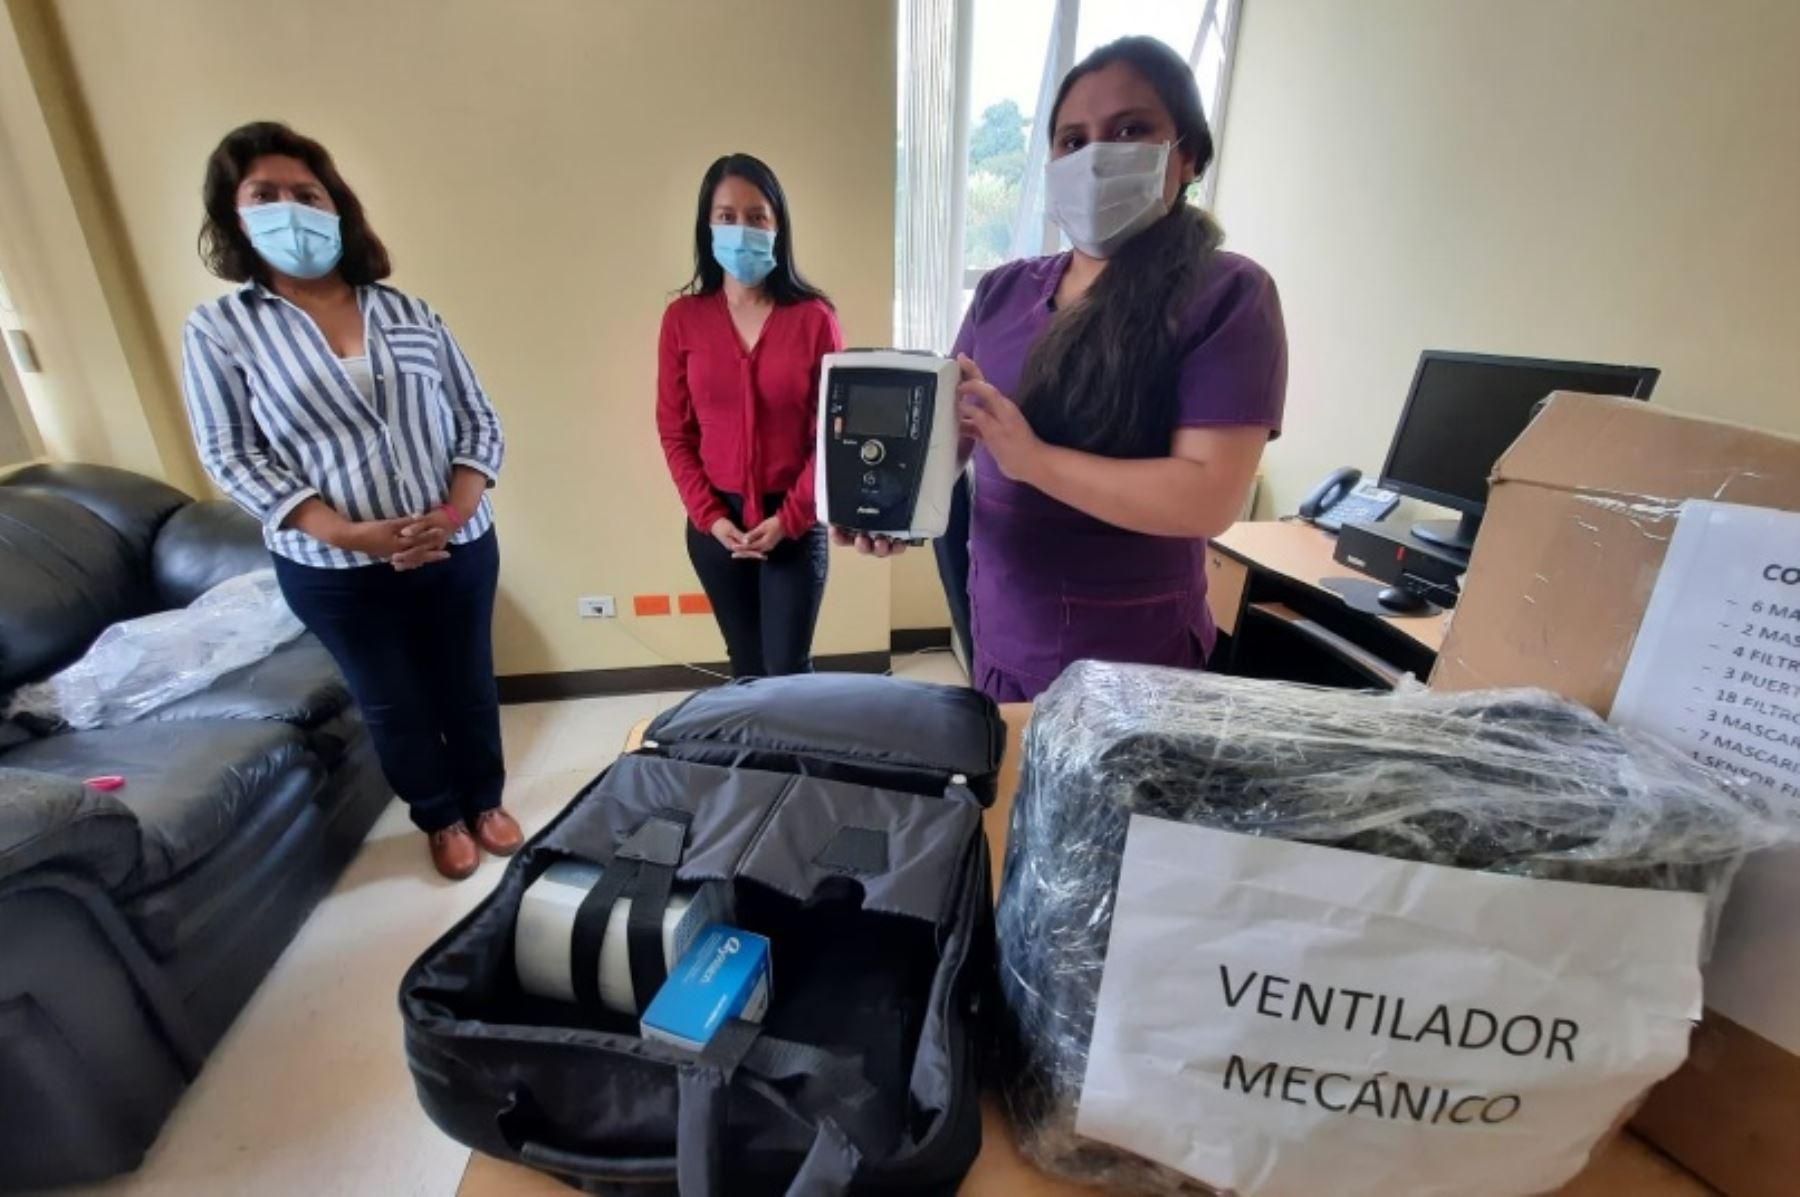 Con el objetivo de optimizar la atención de los pacientes covid-19, la Red Asistencial Apurímac de EsSalud recibió dos ventiladores mecánicos de transporte donados por una empresa minera en favor de los asegurados y no asegurados de la región.